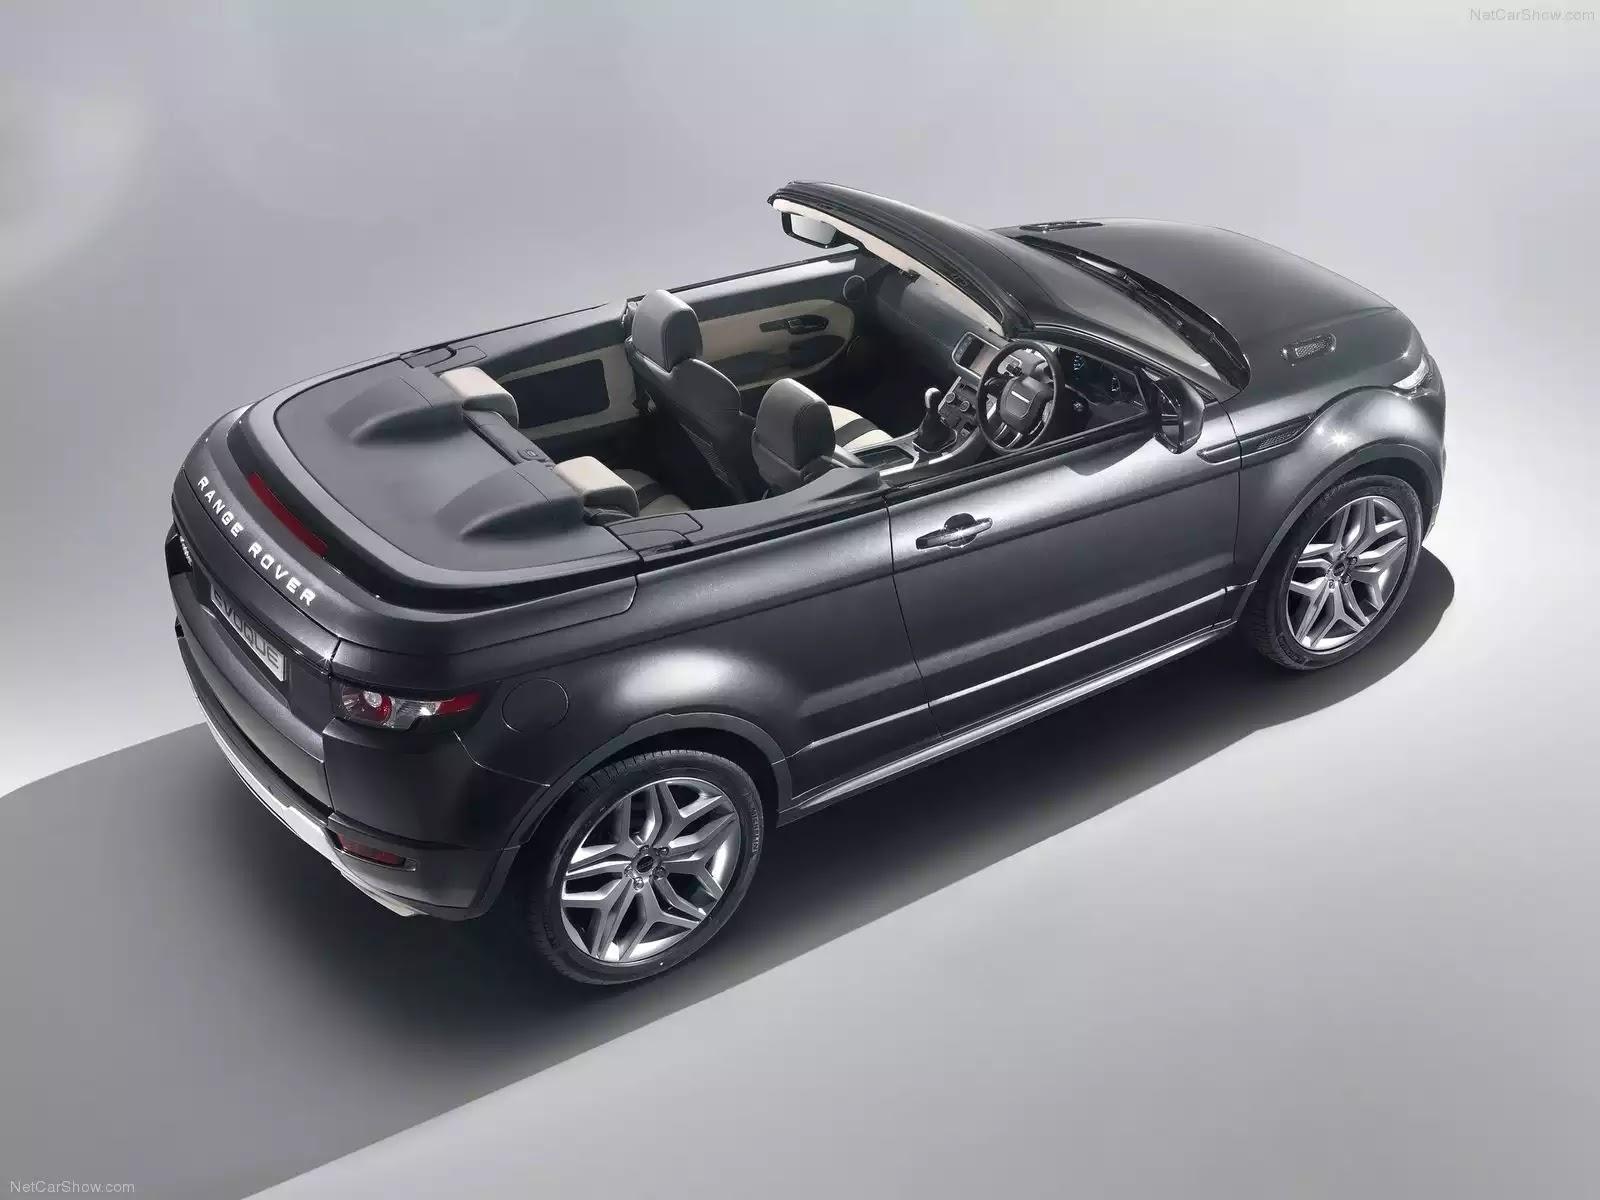 Hình ảnh xe ô tô Land Rover Range Rover Evoque Convertible Concept 2012 & nội ngoại thất